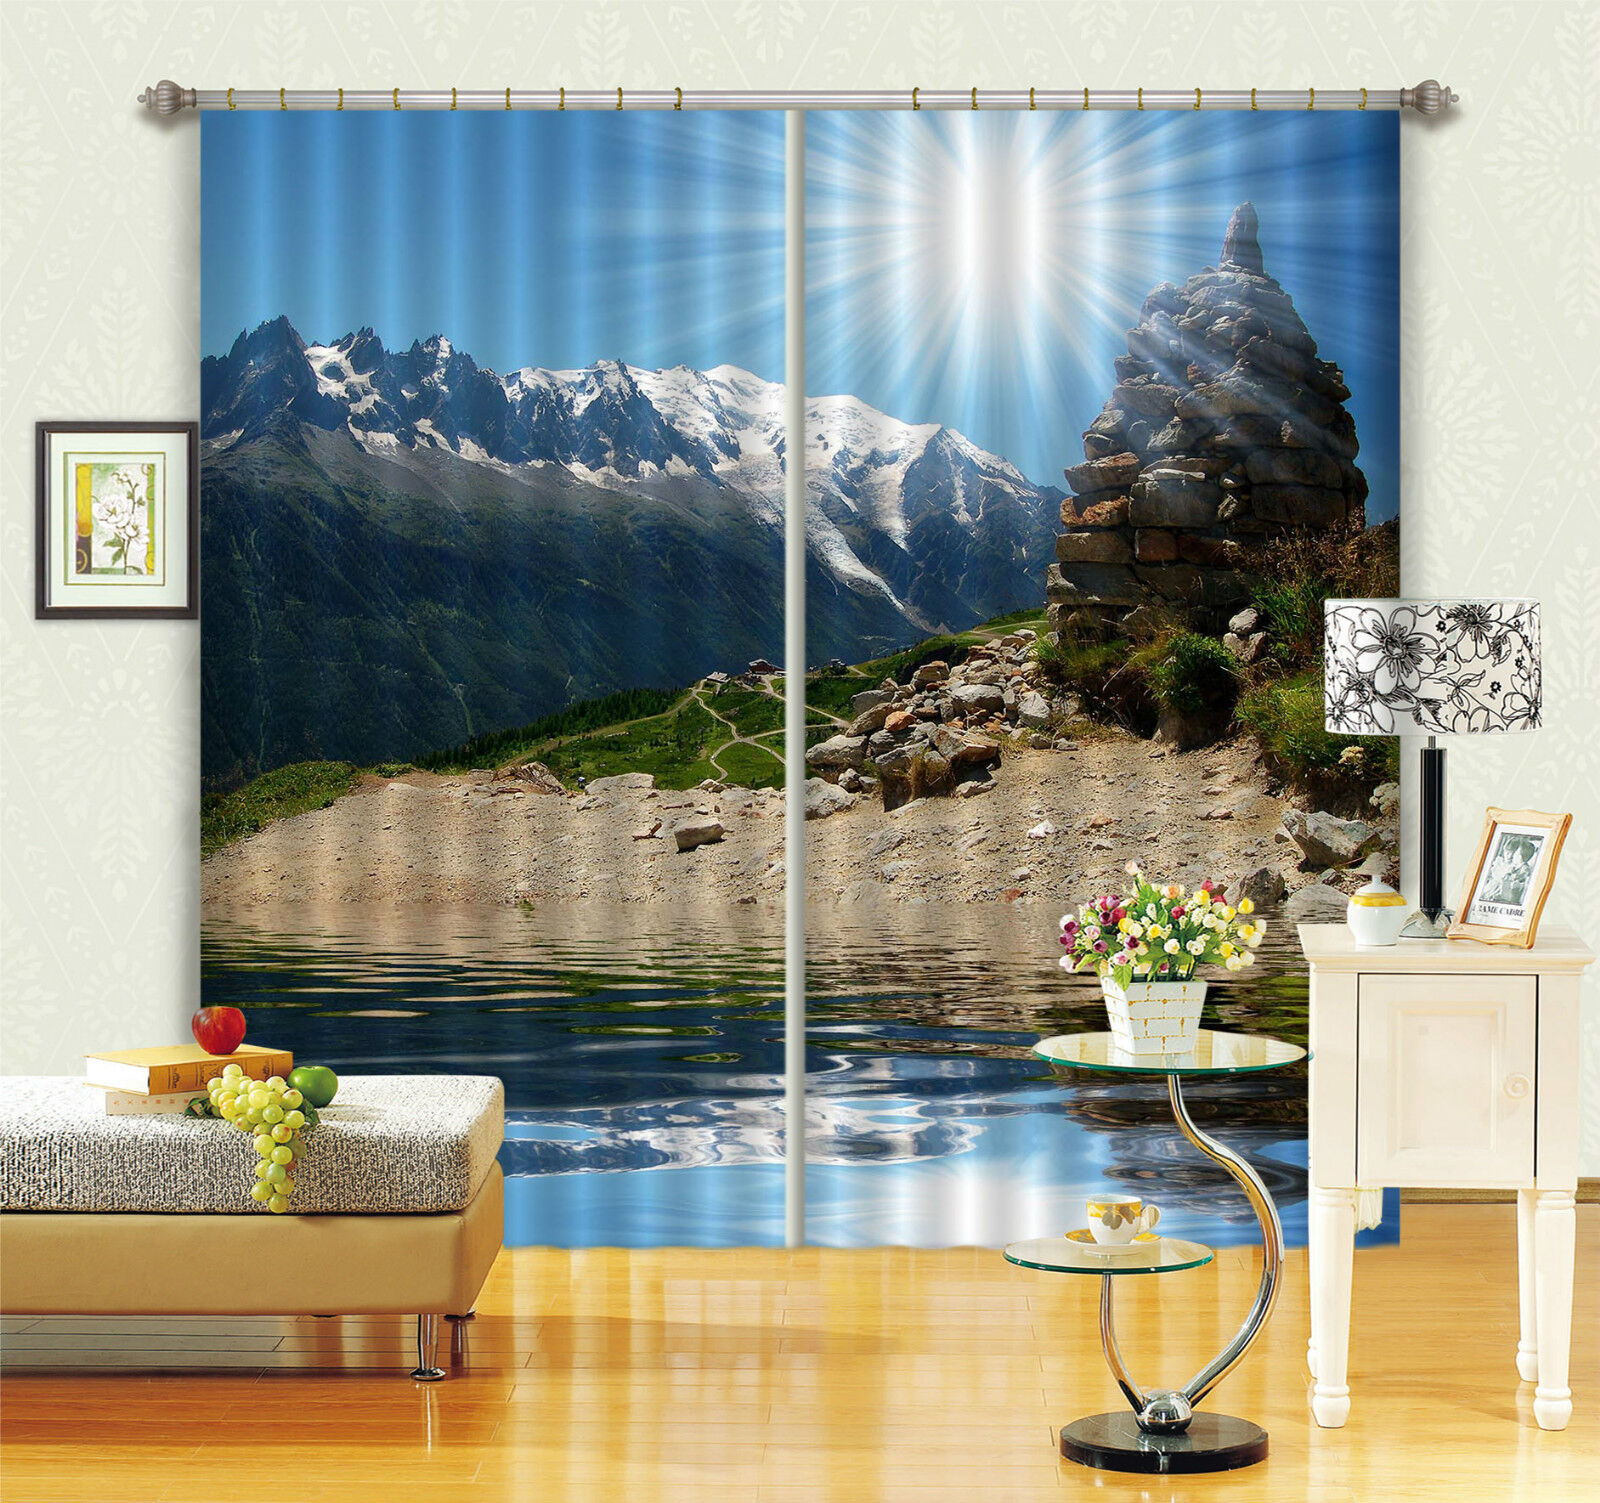 3d sol montaña 47 bloqueo foto cortina cortina de impresión sustancia cortinas de ventana